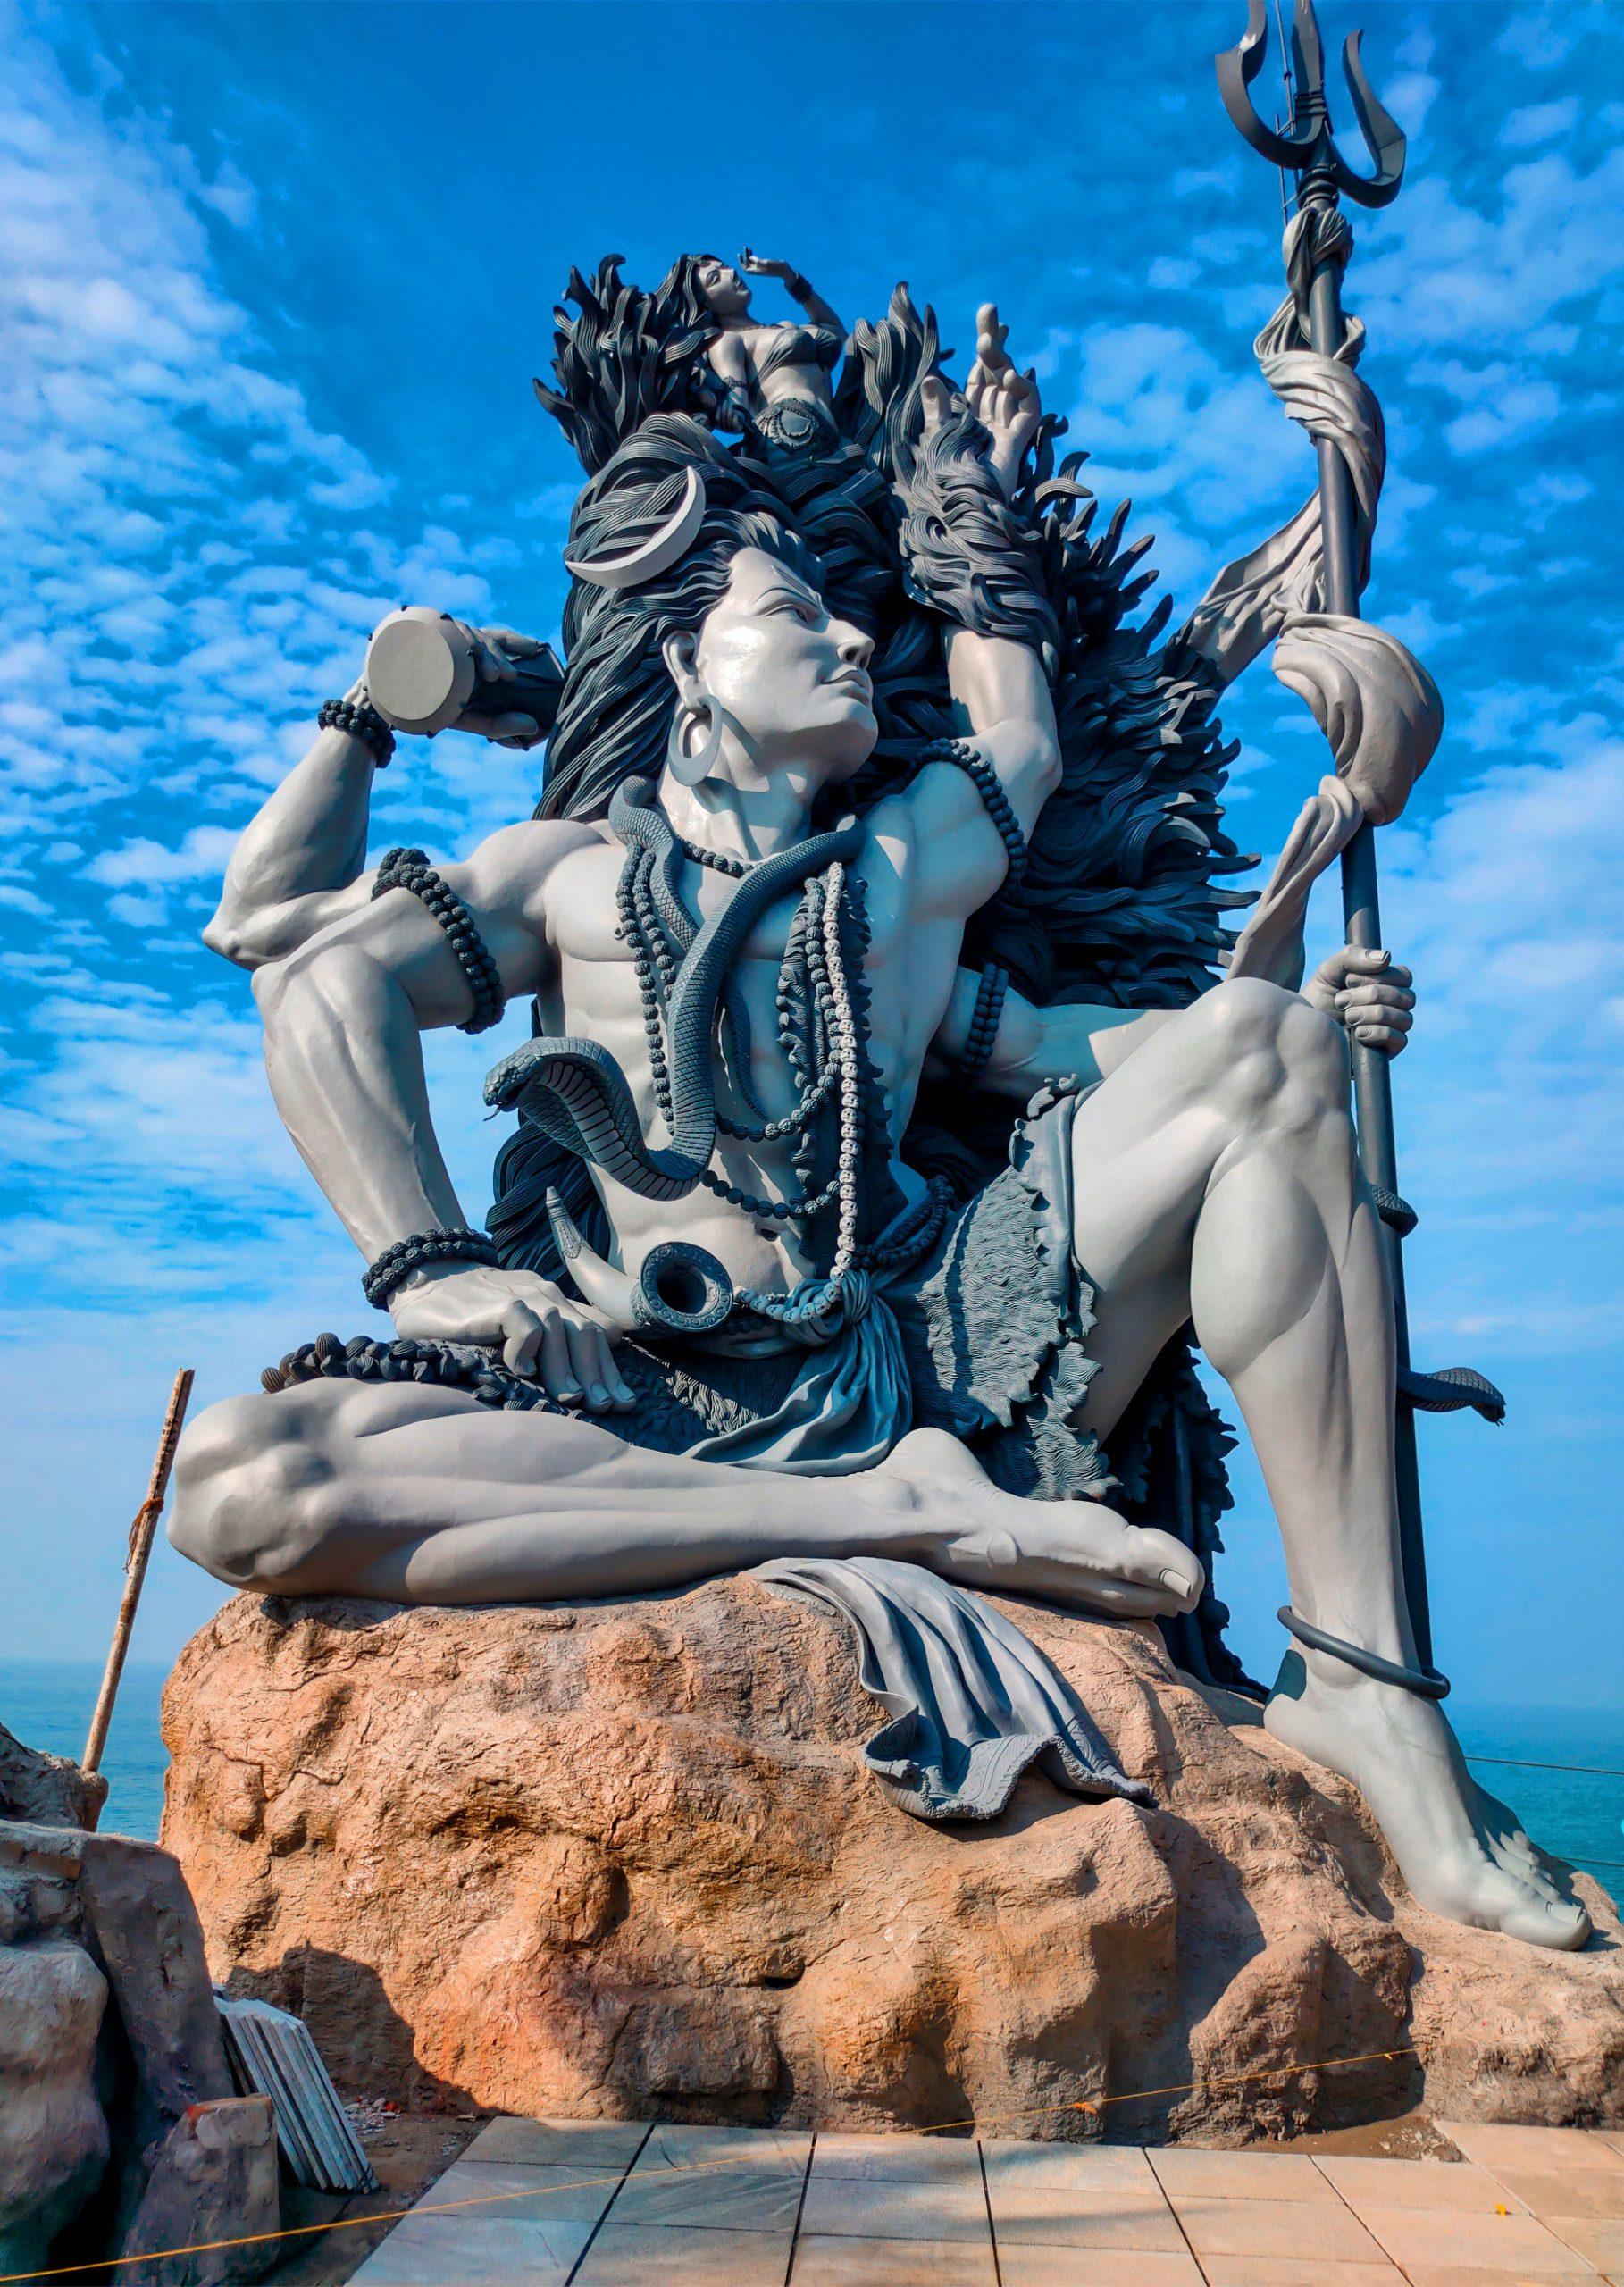 free hd Beautiful Shiva Images photo pics